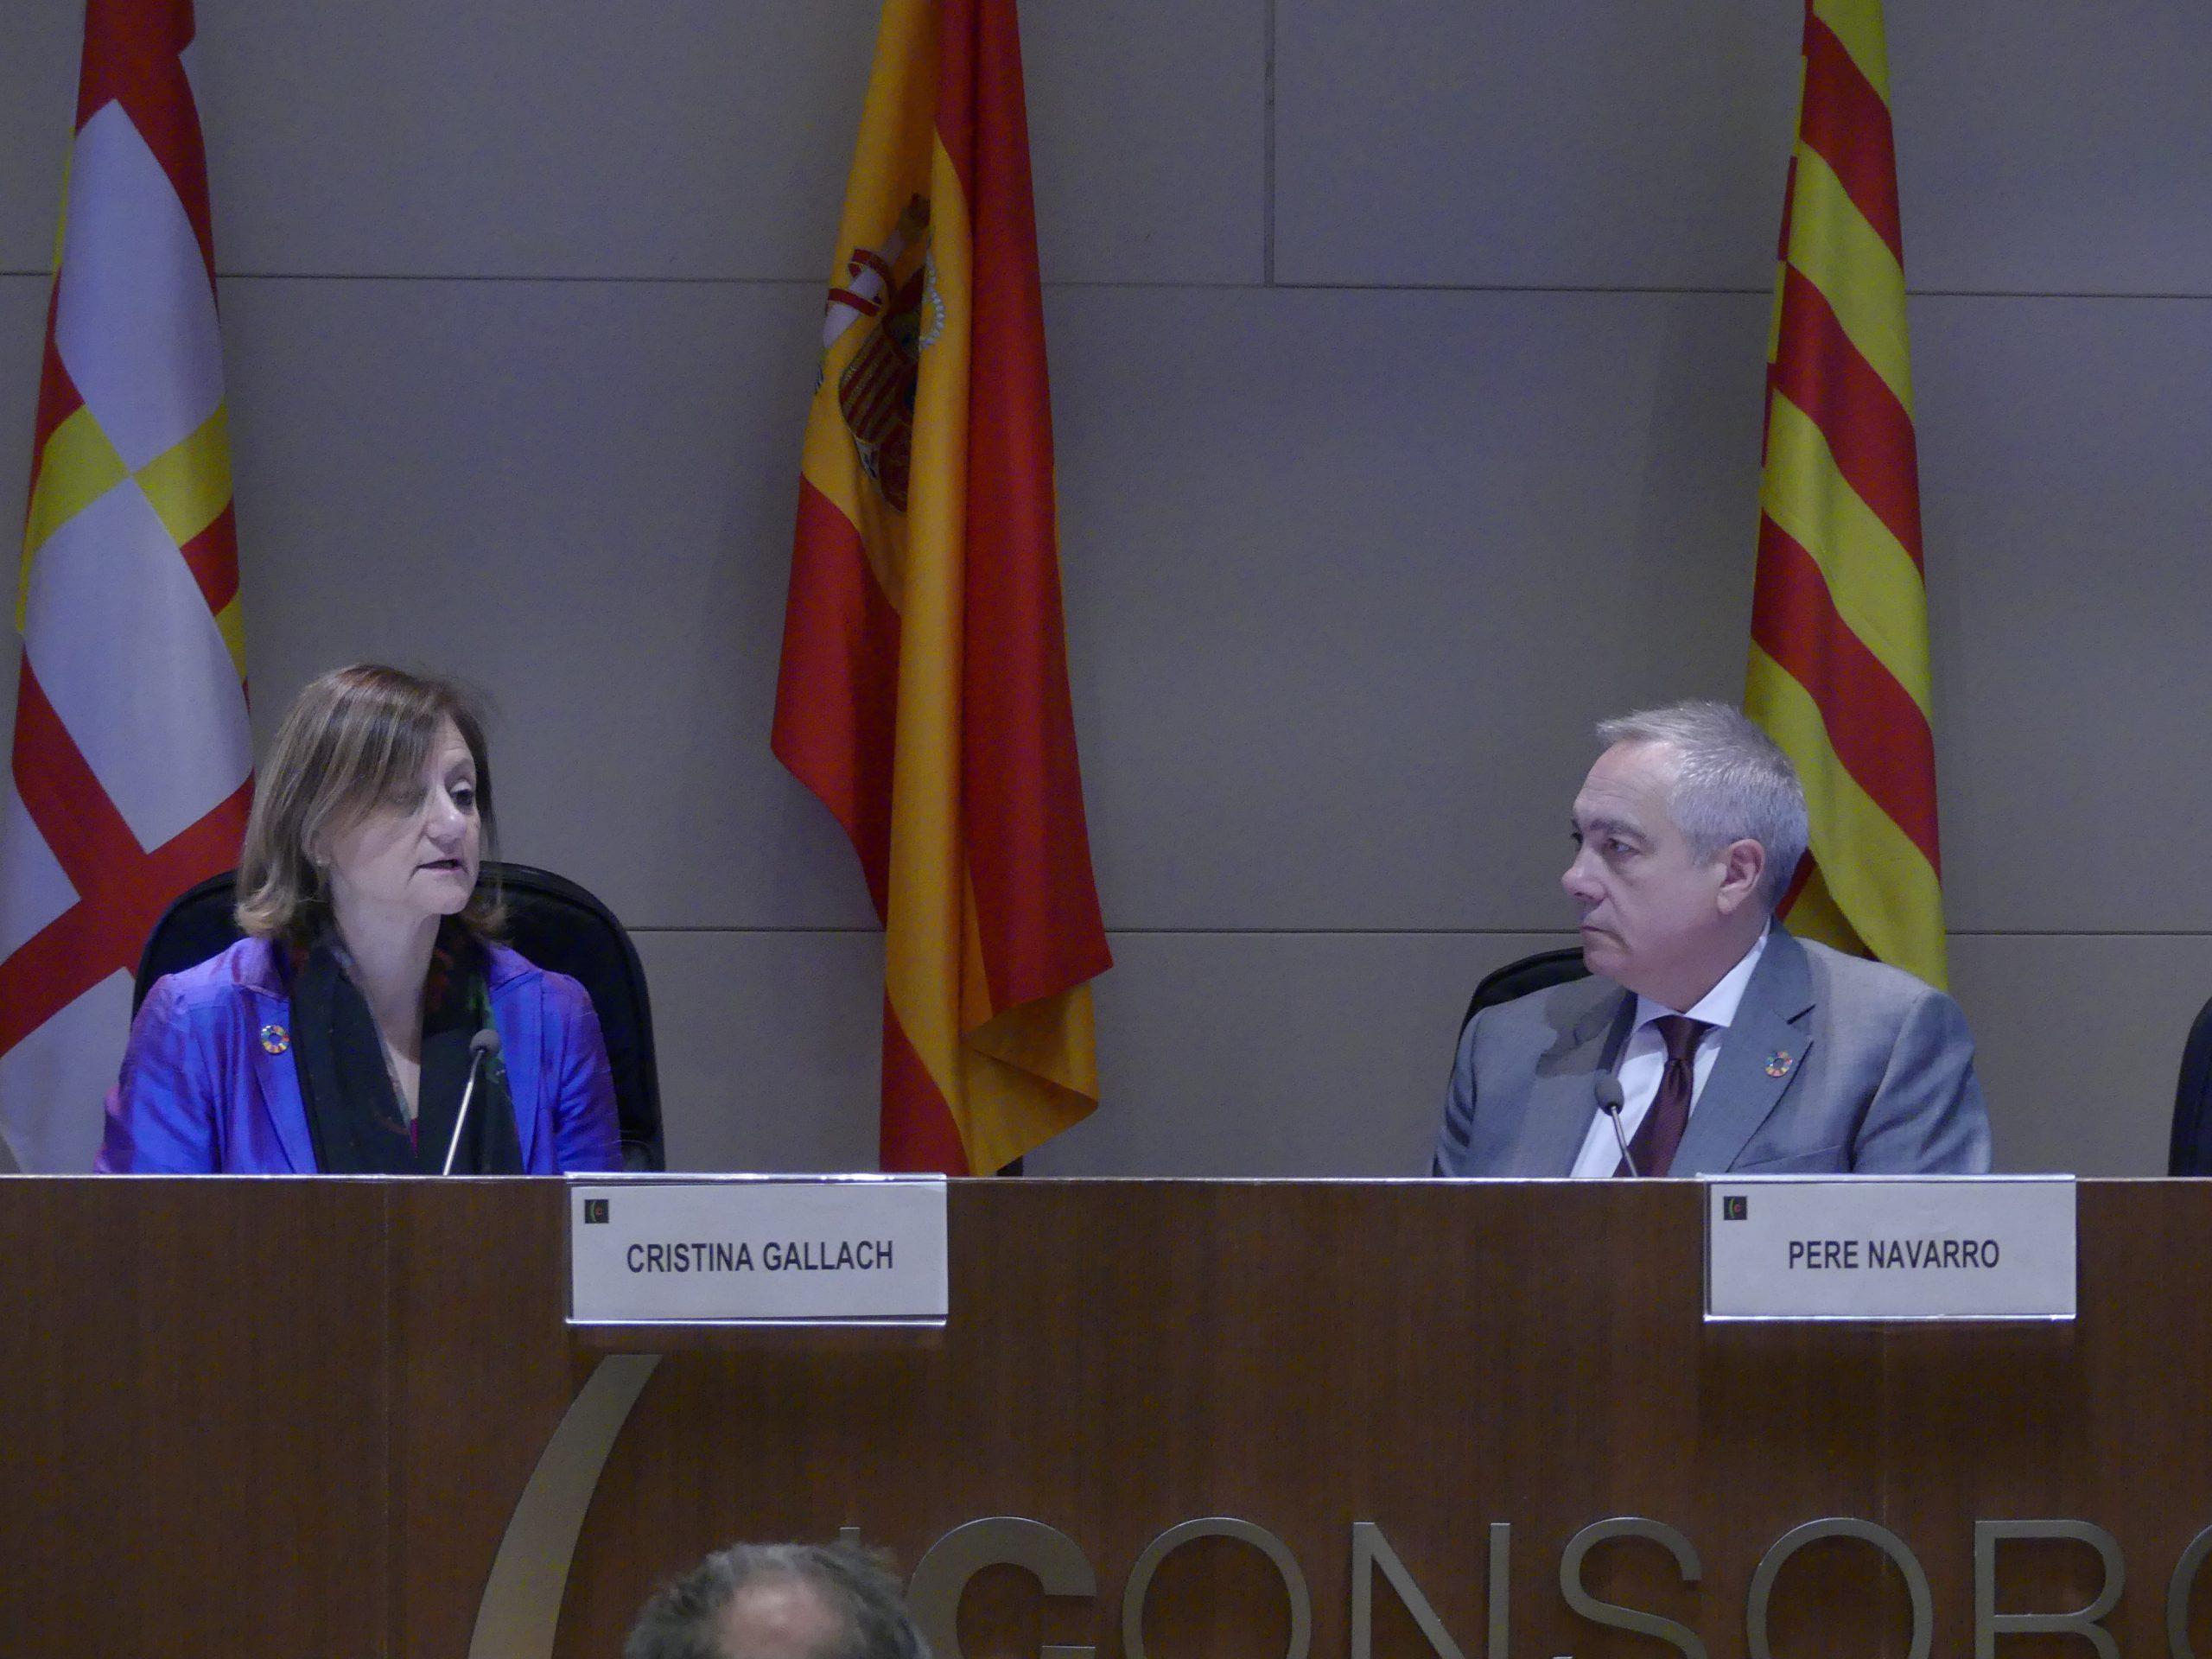 Conferència de Cristina Gallach sobre els Objectius de Desenvolupament Sostenible al Polígon de la Zona Franca